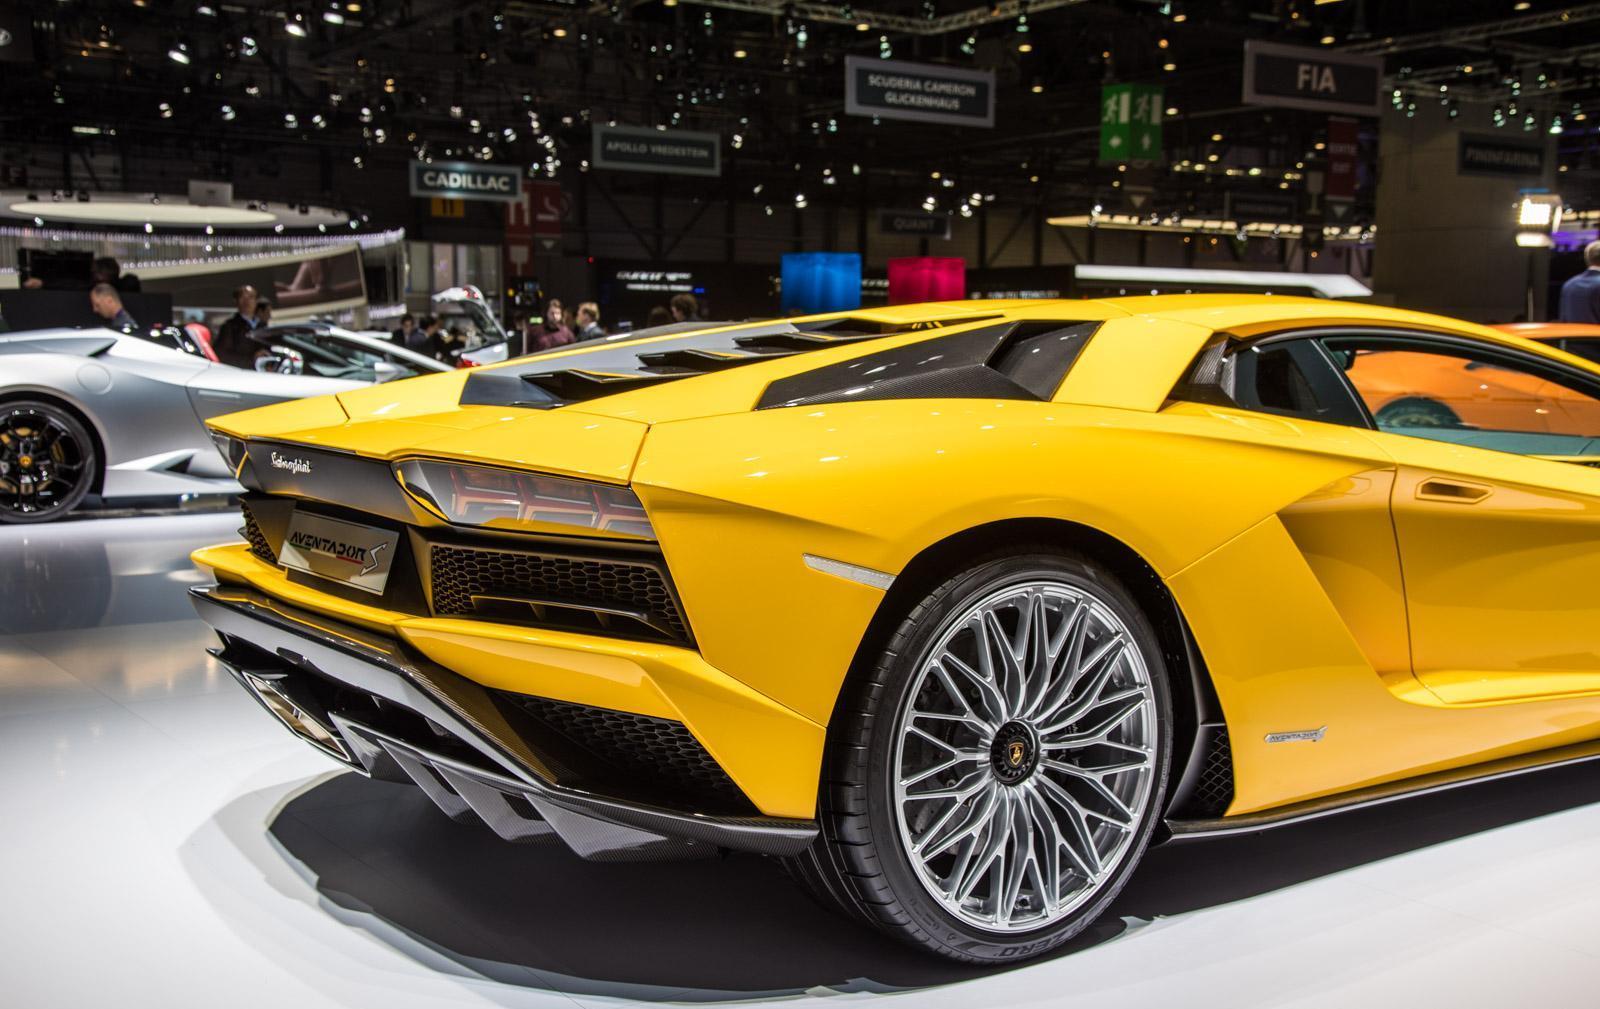 Lamborghini-aventador-s-008